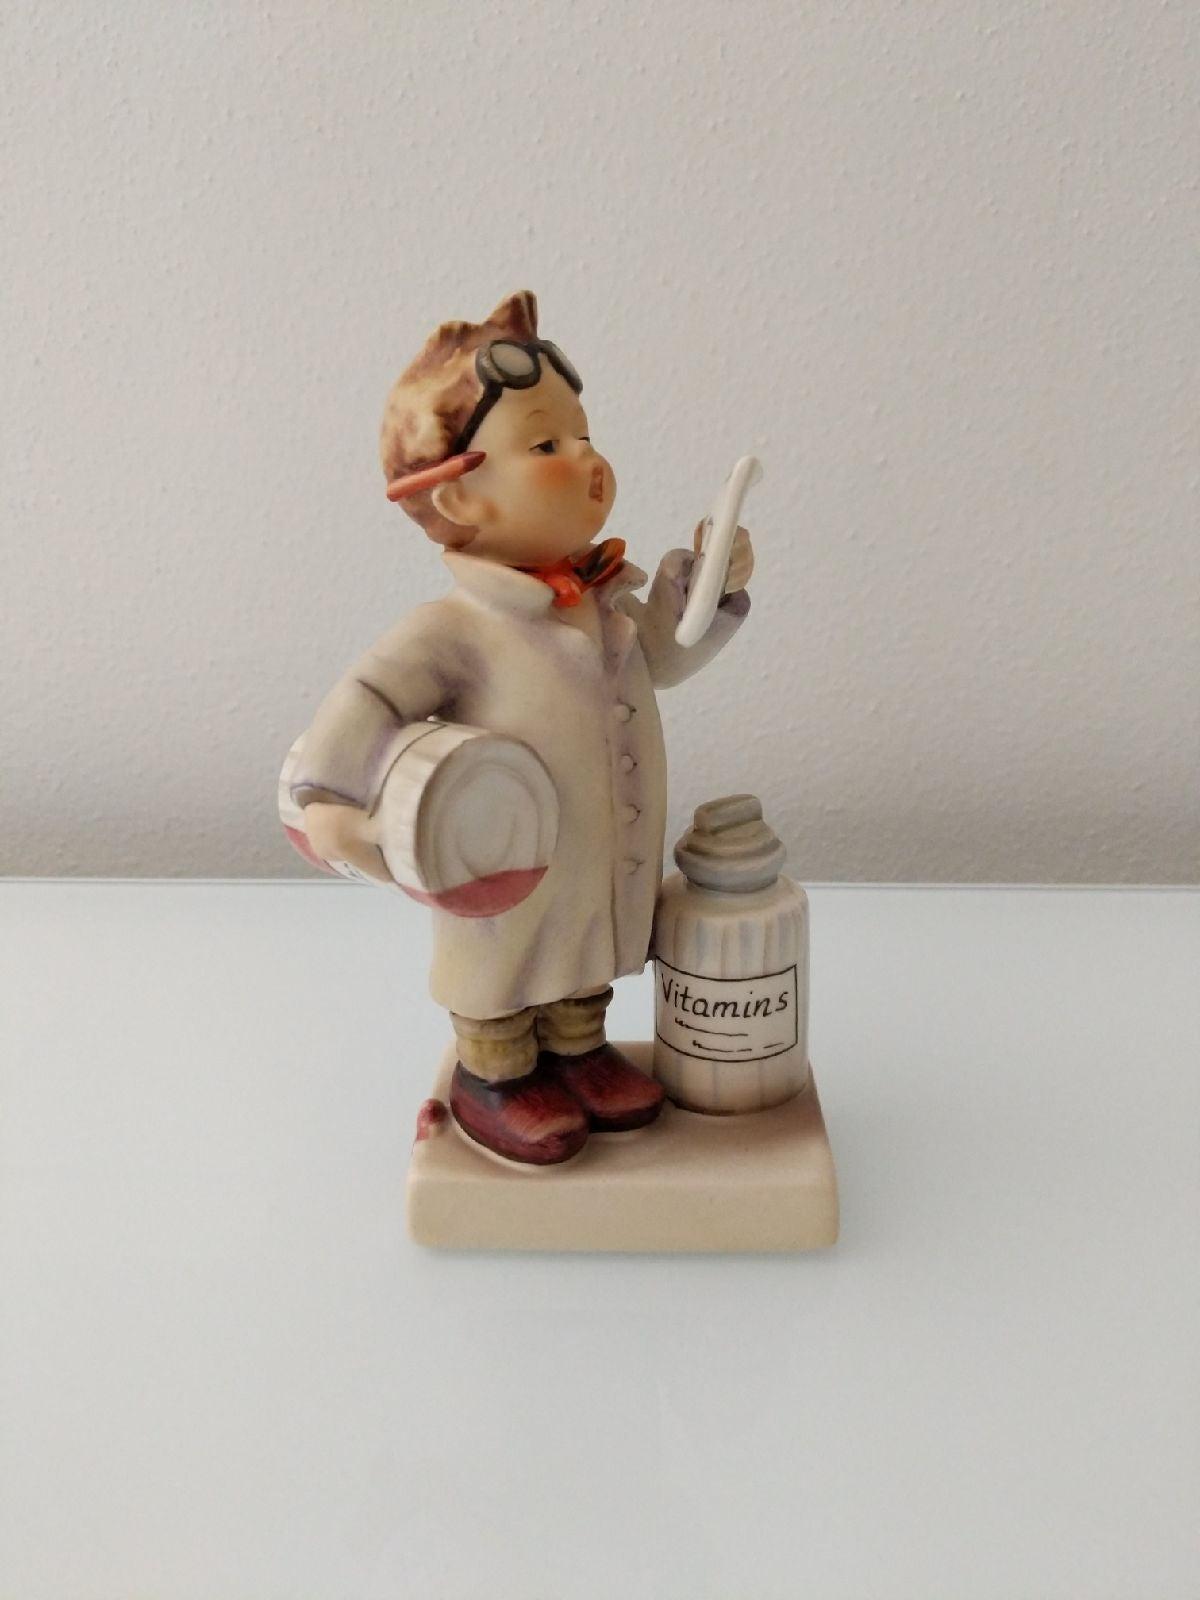 Hummel Little Pharmacist 322 figurine